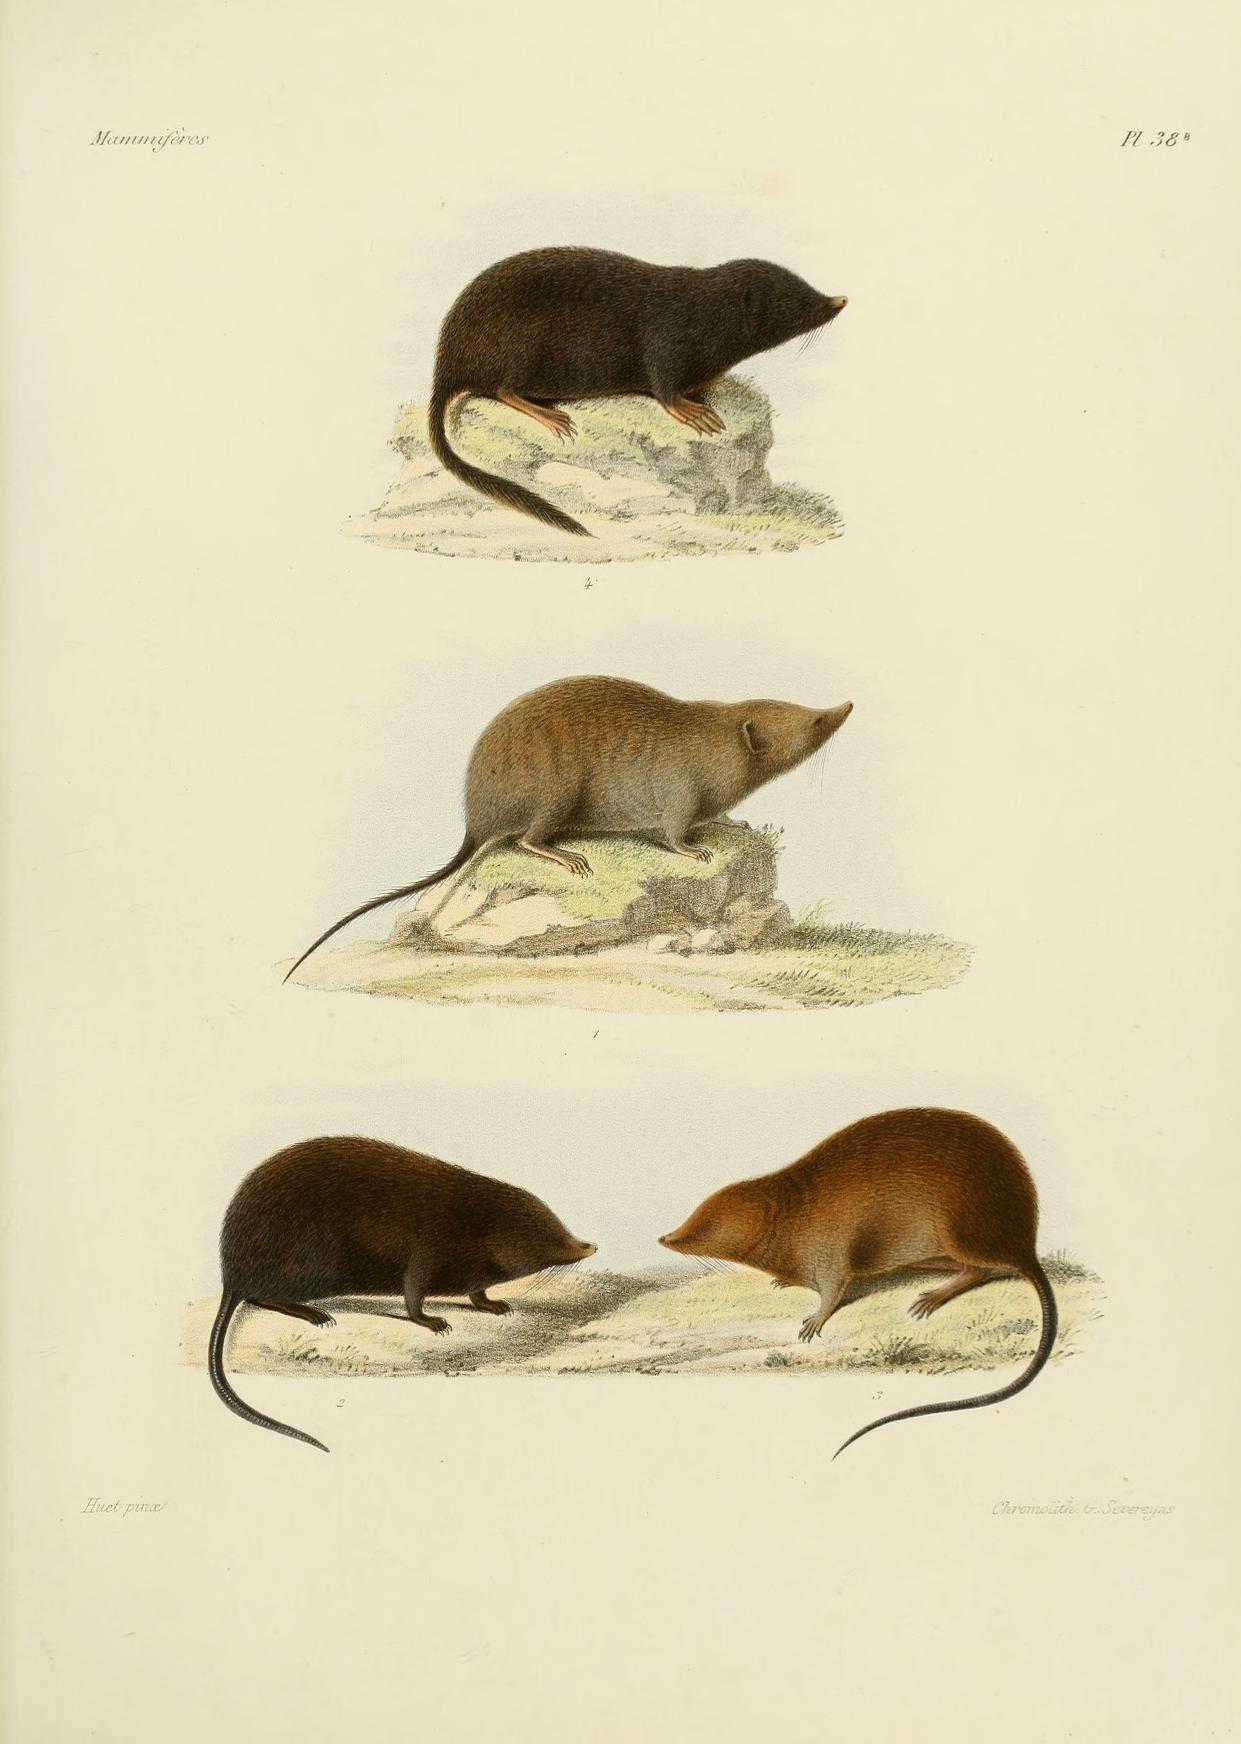 Moles and Rats